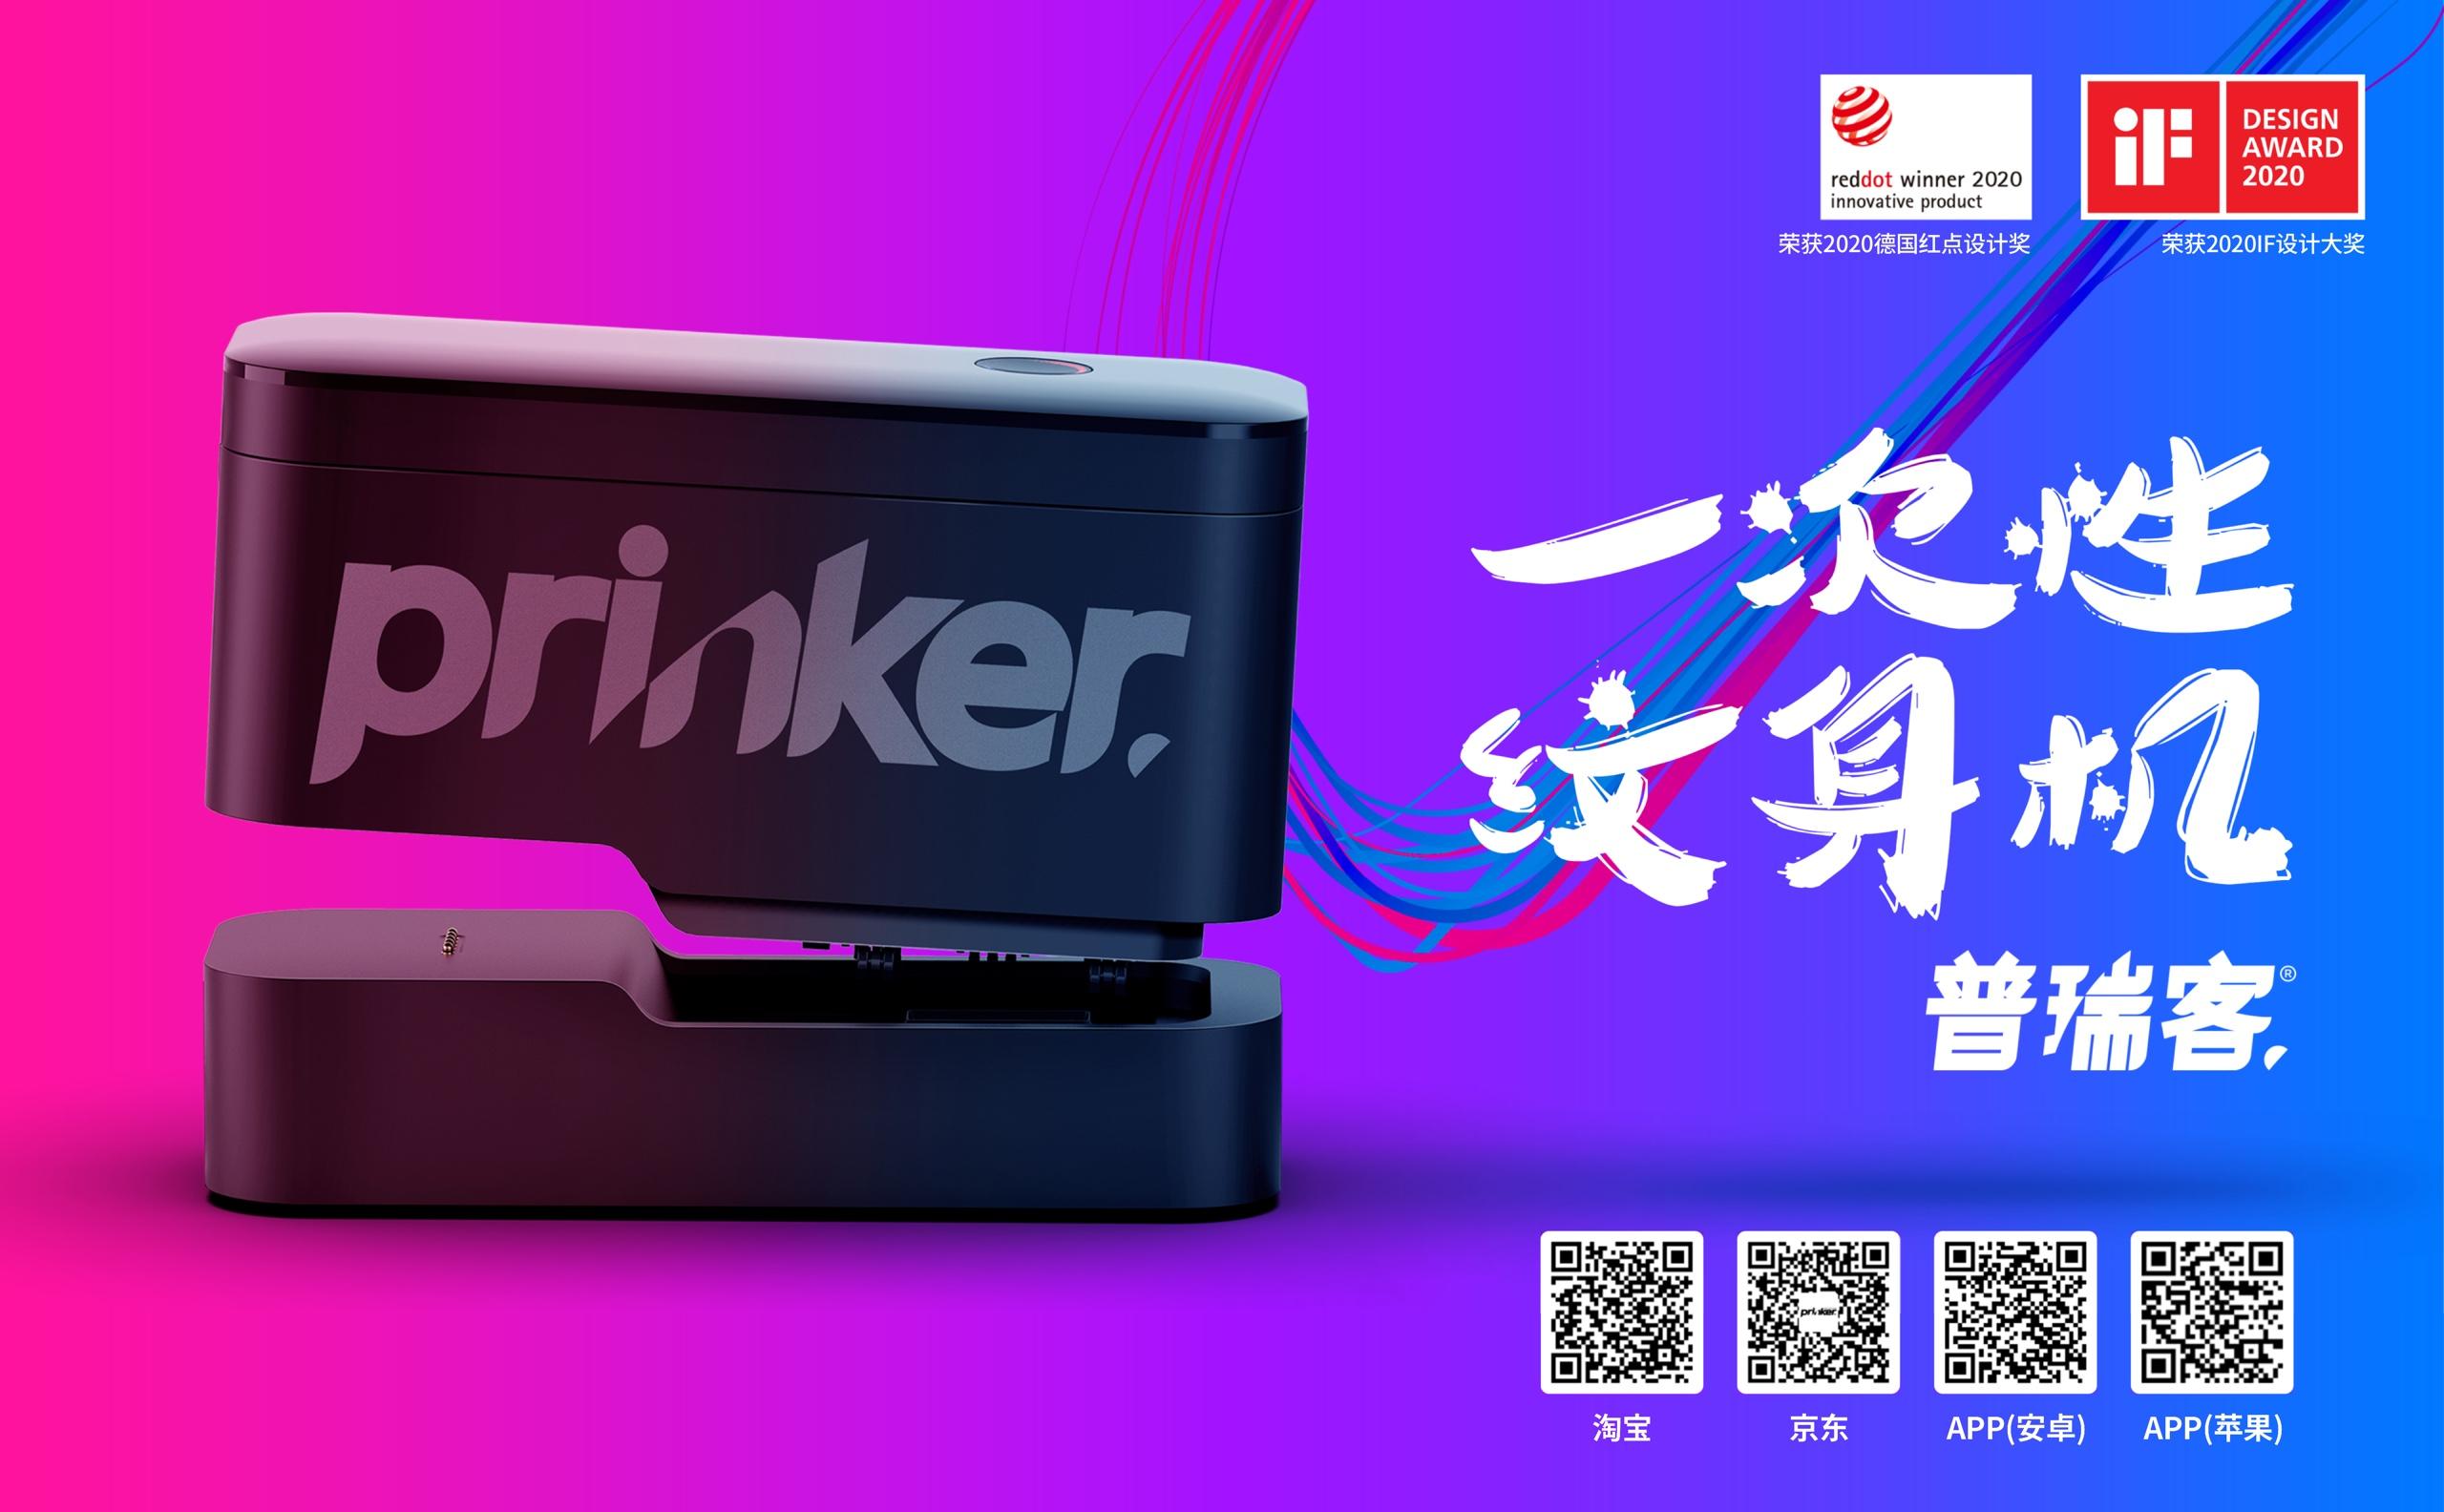 prinker image01